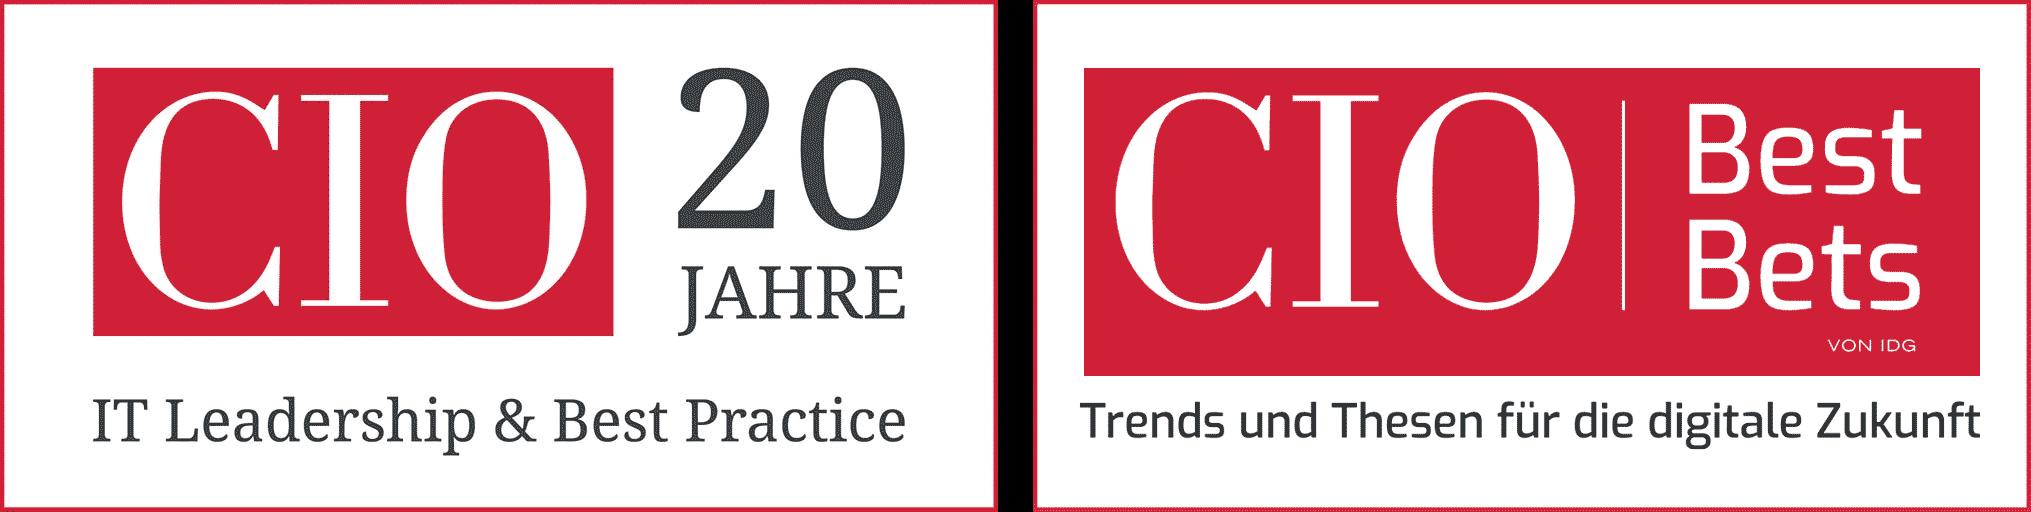 BEST OF CIO | Erfahrungen, Herausforderungen und Visionen